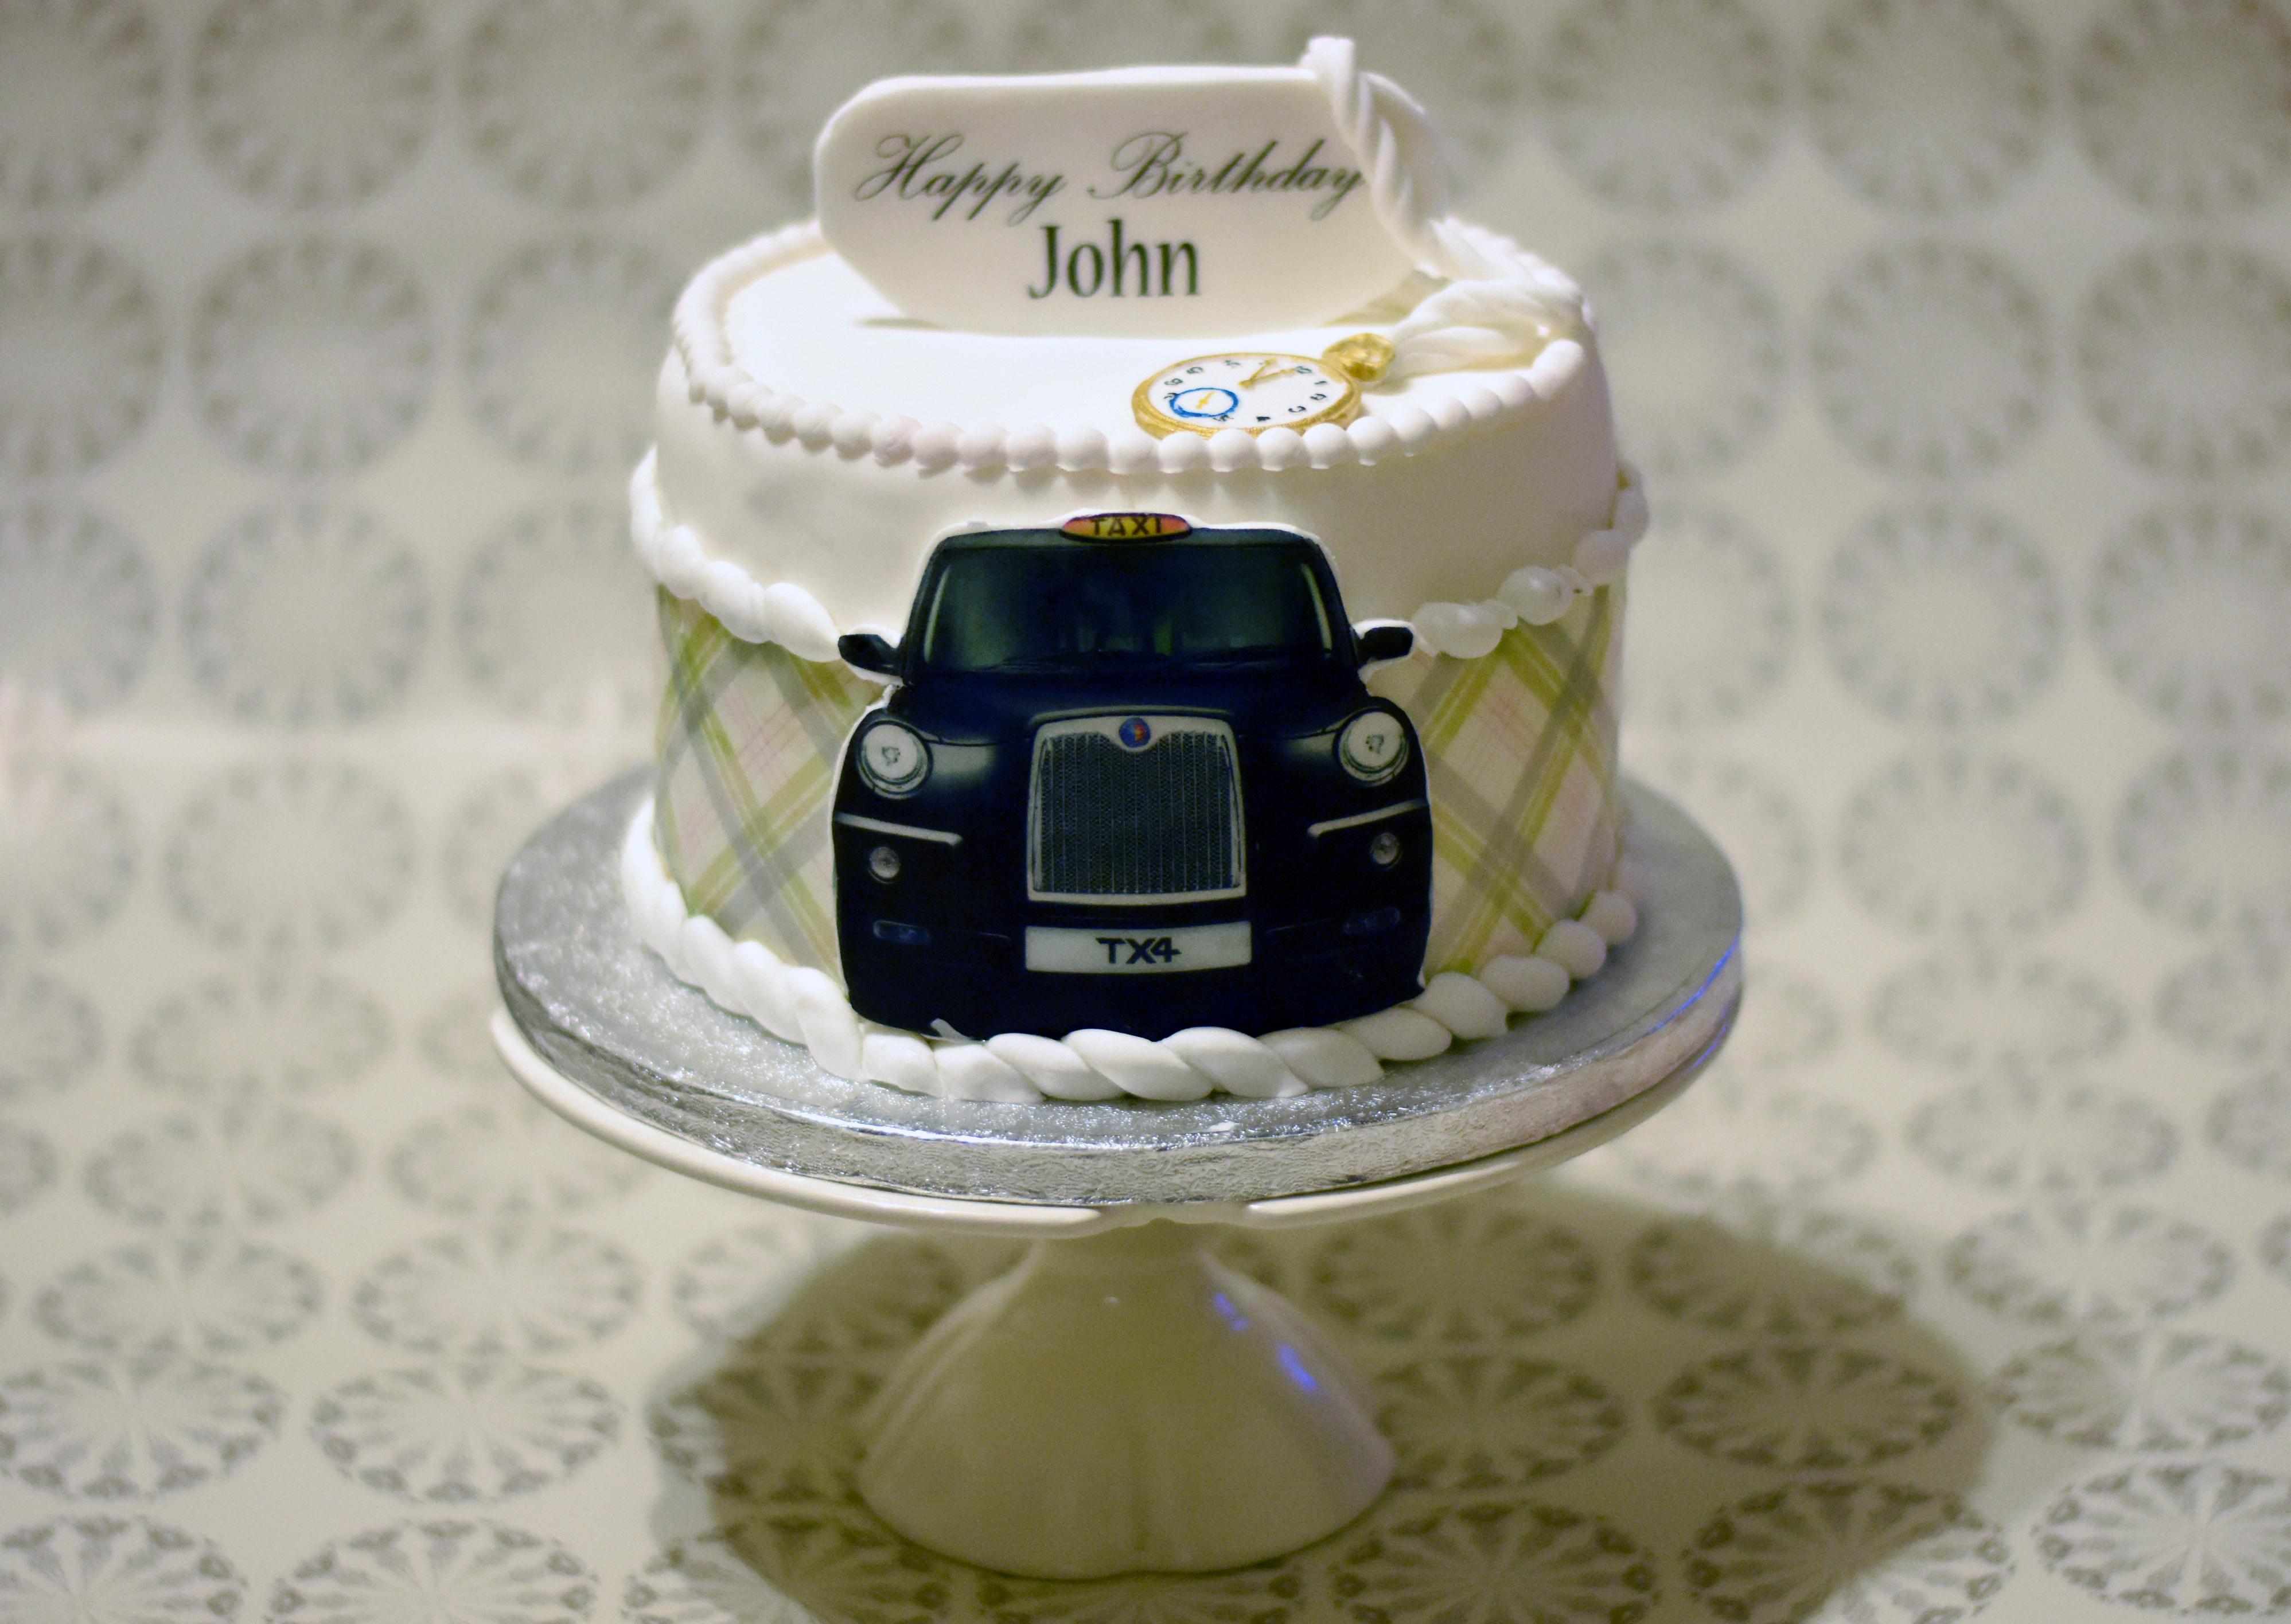 black cab cake1.jpg